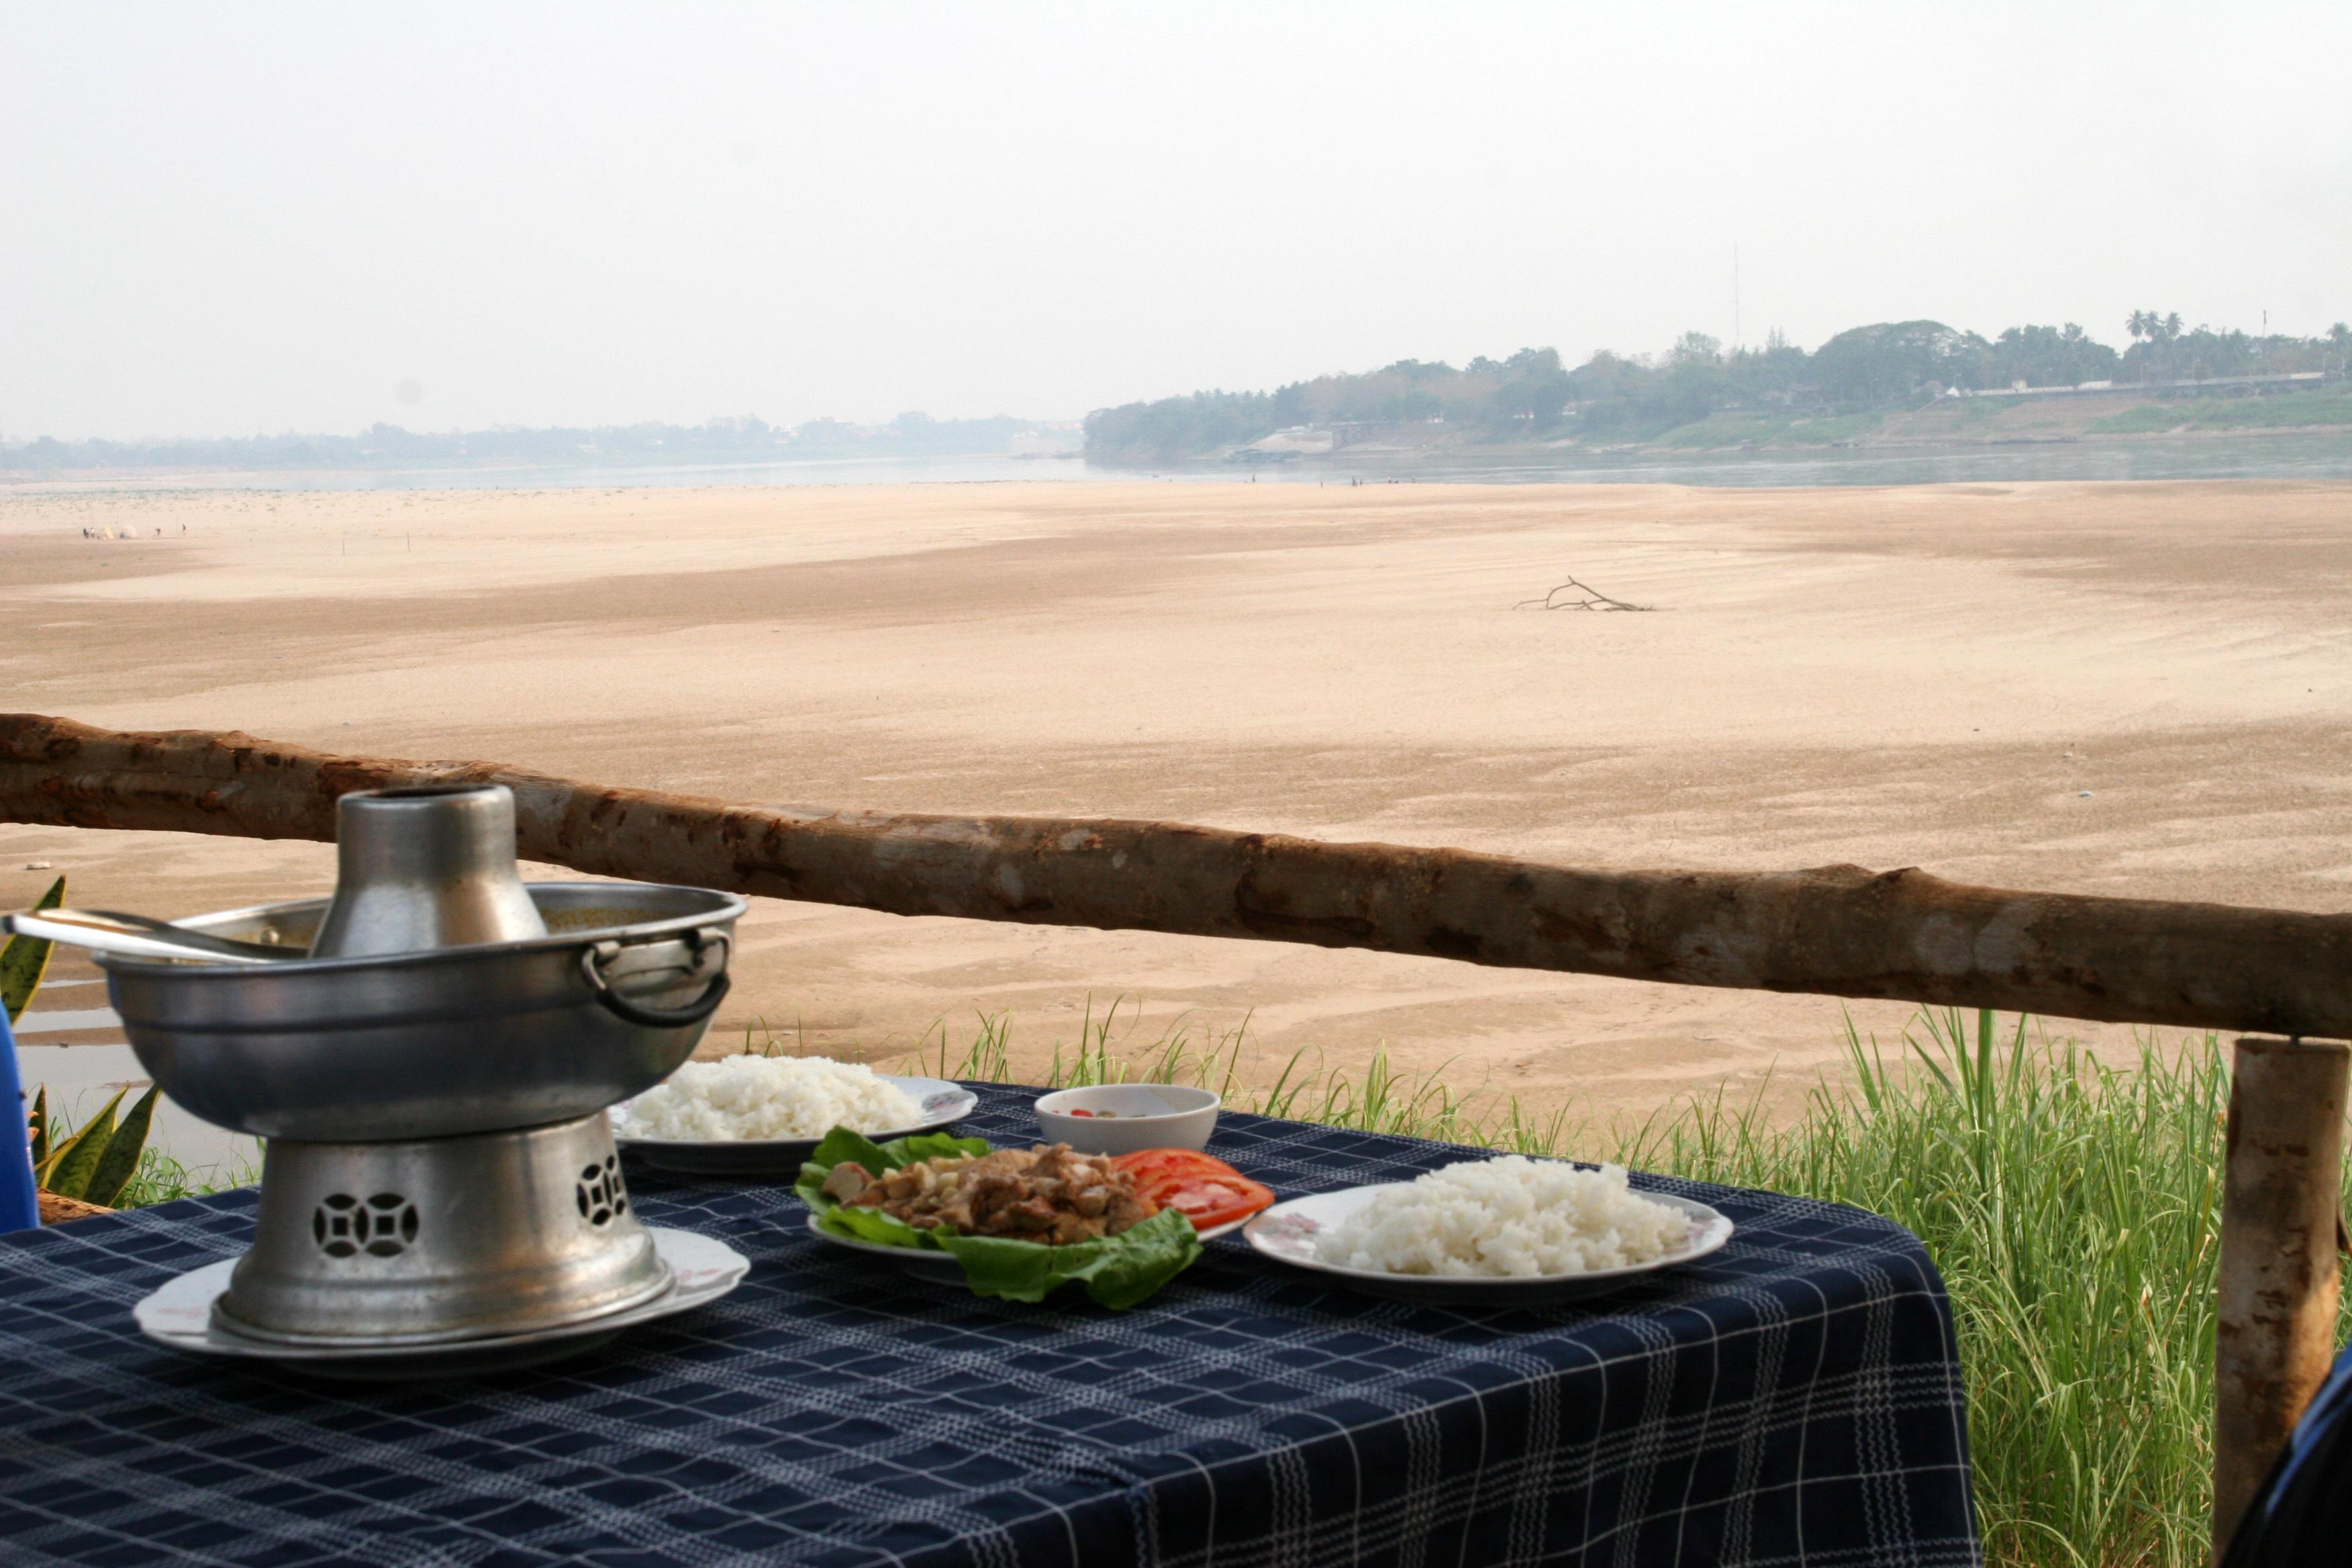 Maten er servert- med utsikt over Mekongs tørre sandbanker.